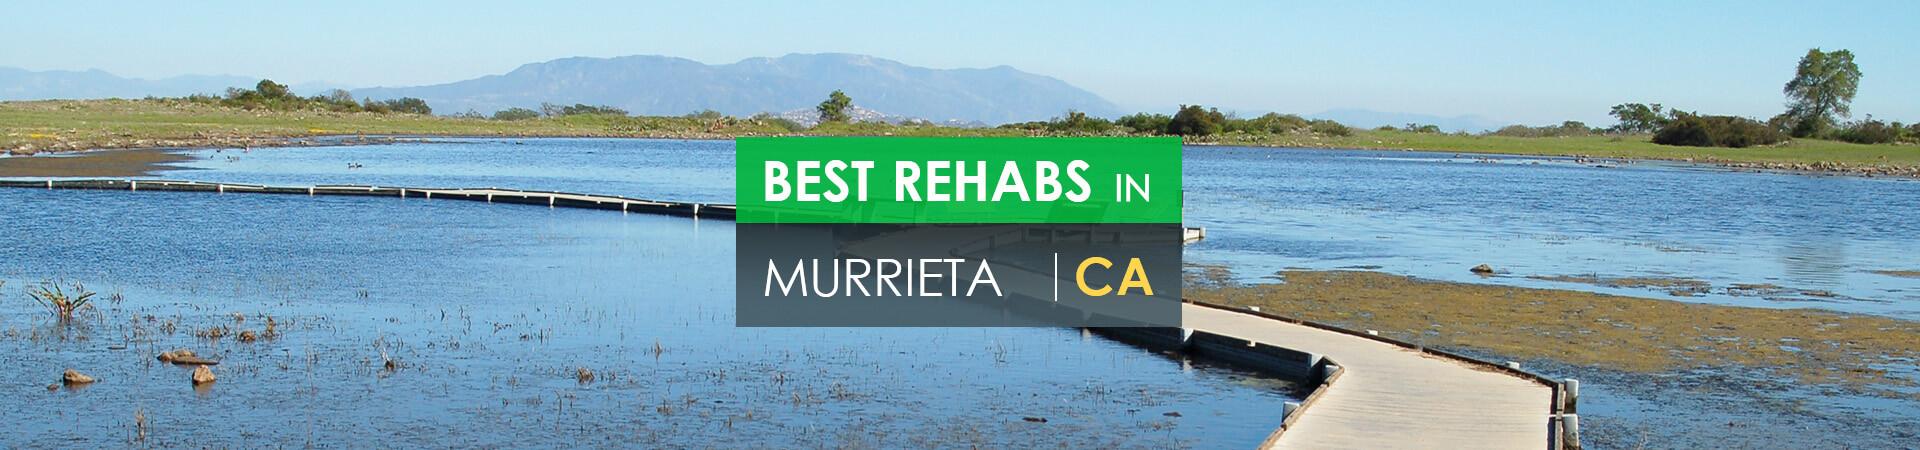 Best rehabs in Murrieta, CA